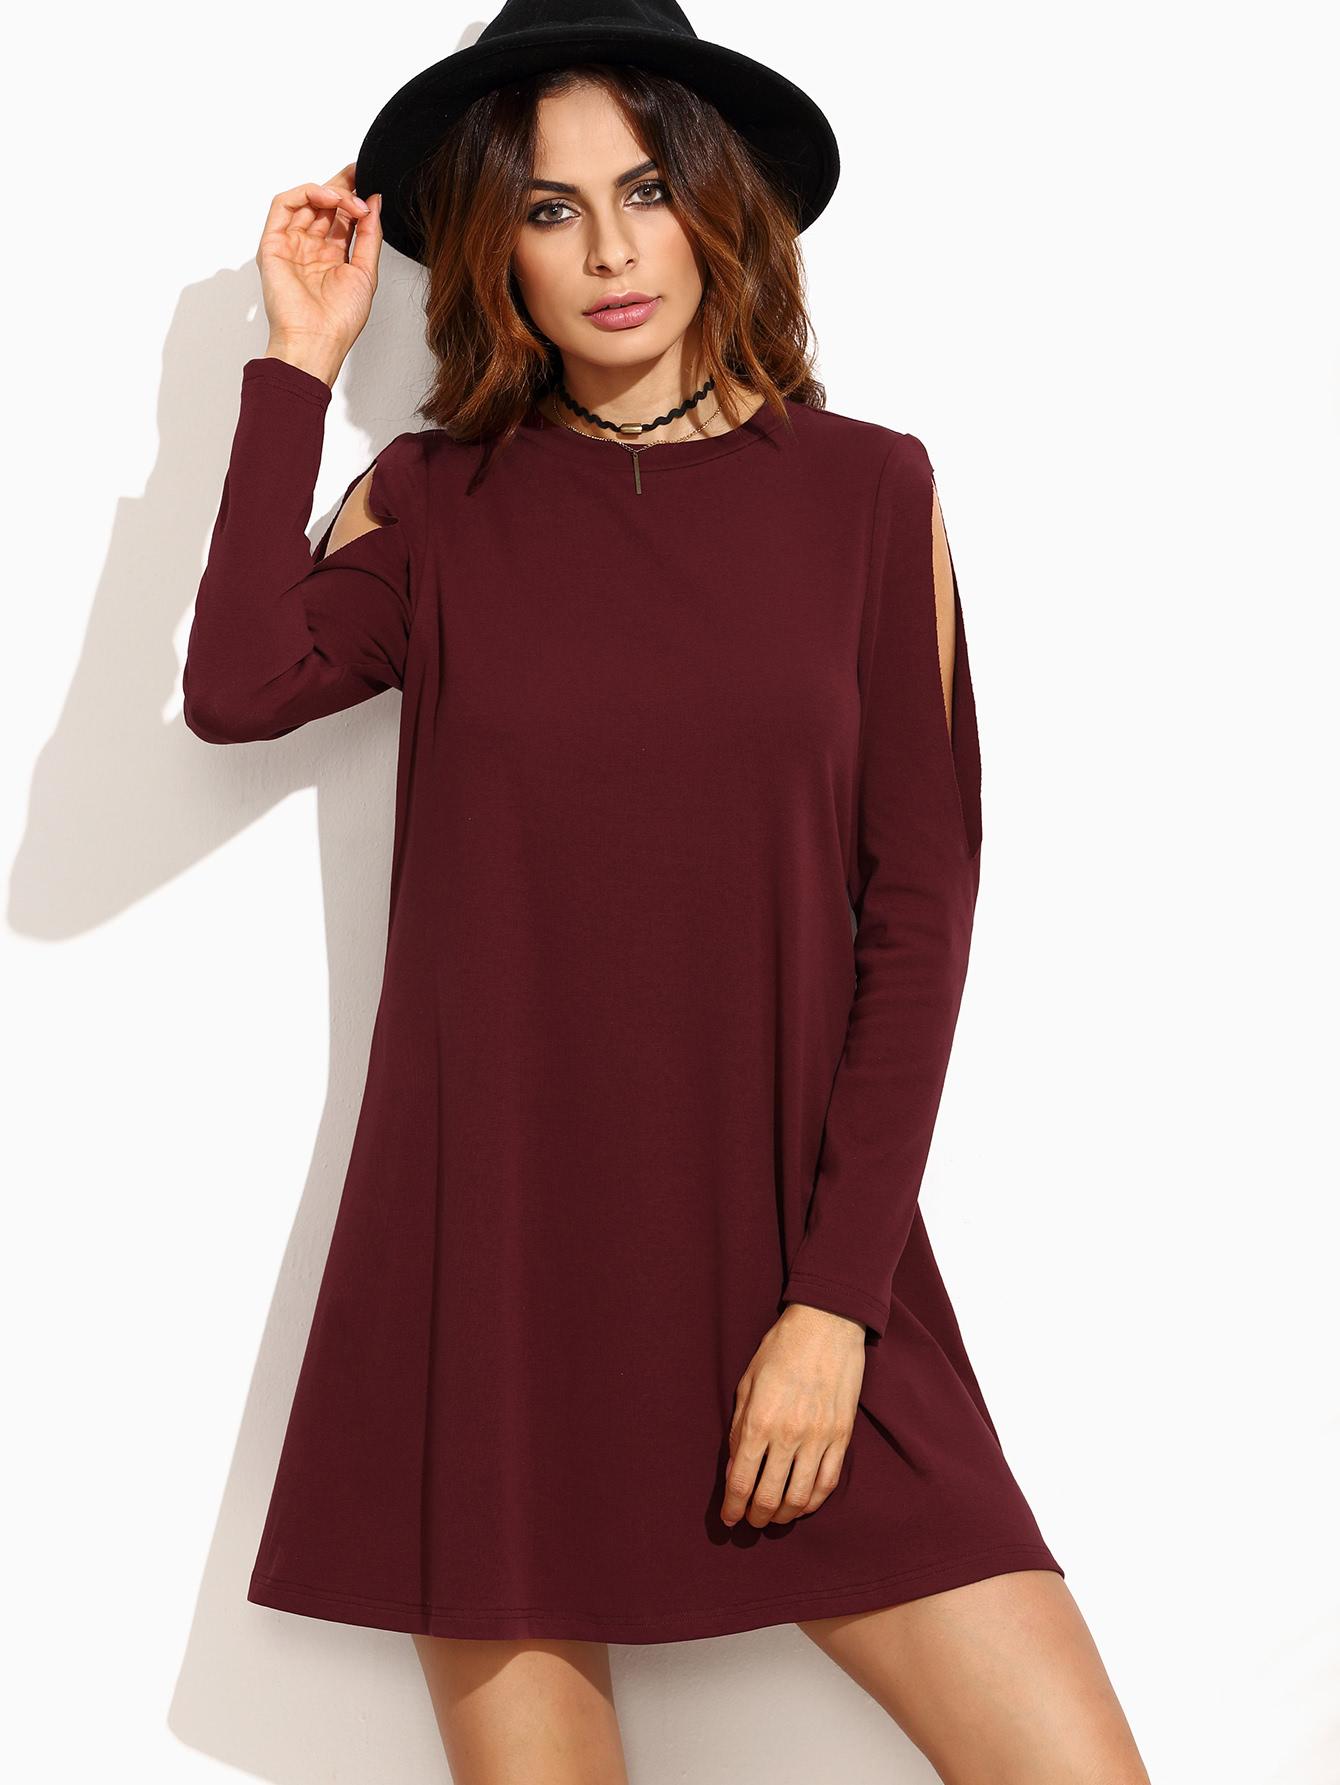 dress160822701_2